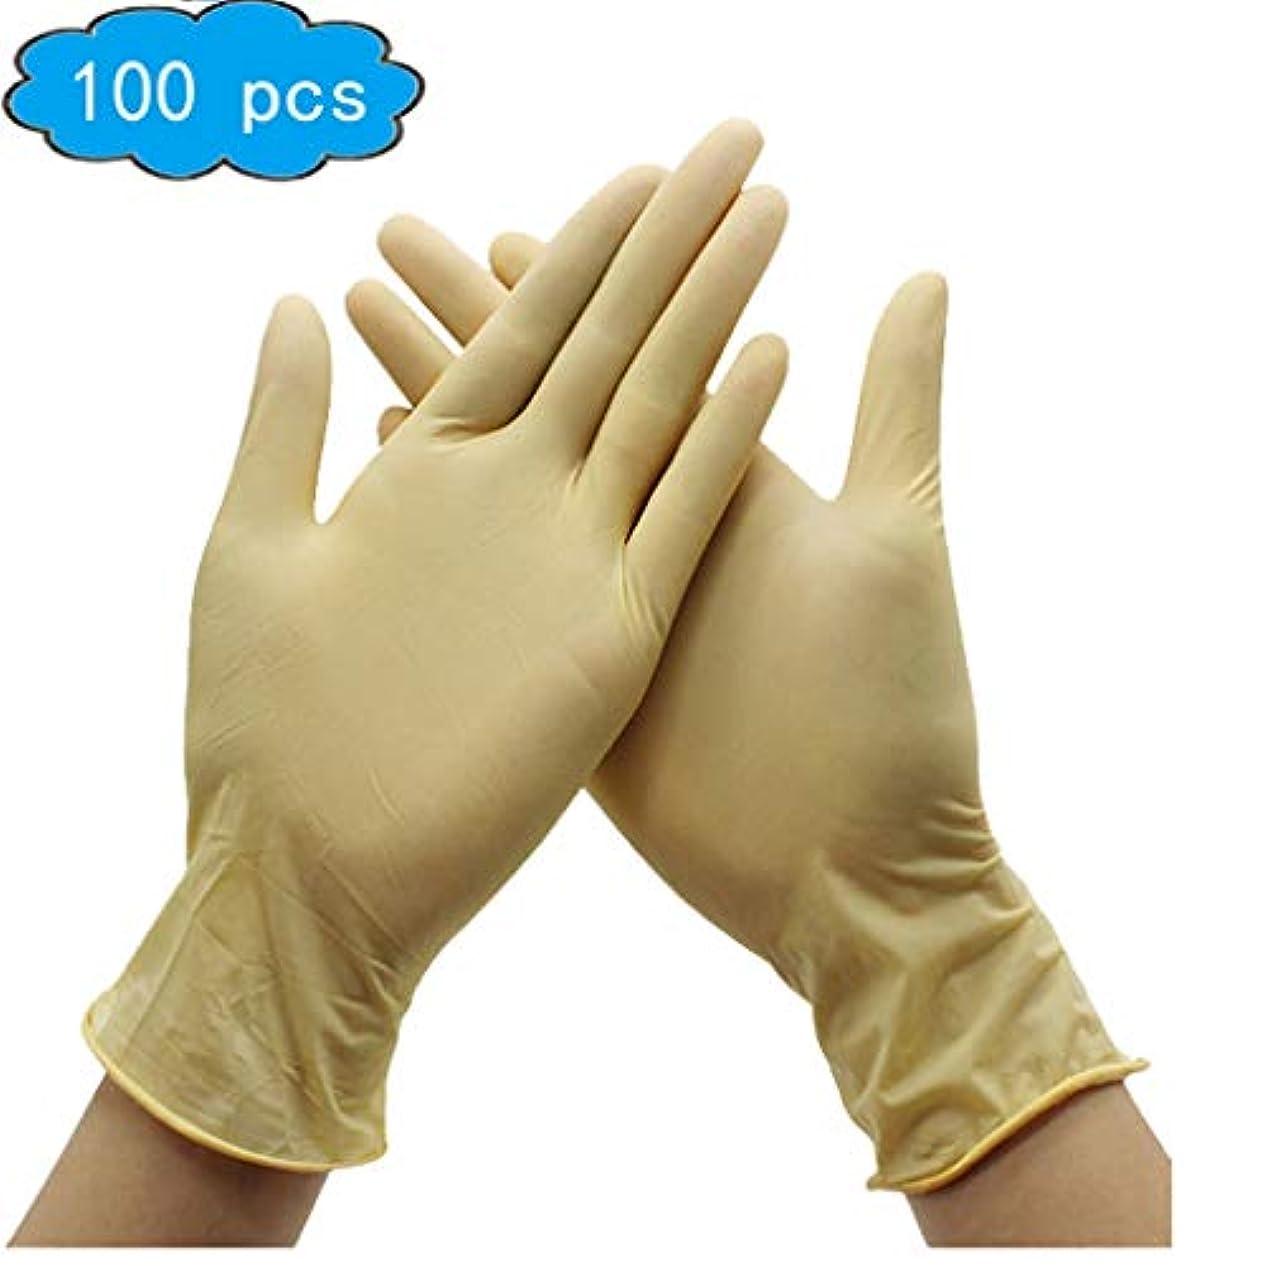 残基避ける創造ラテックス手袋、試験/食品グレードの安全製品、使い捨て手袋および手袋Dispensers 100psc、衛生手袋、健康、家庭用ベビーケア (Color : Beige, Size : L)